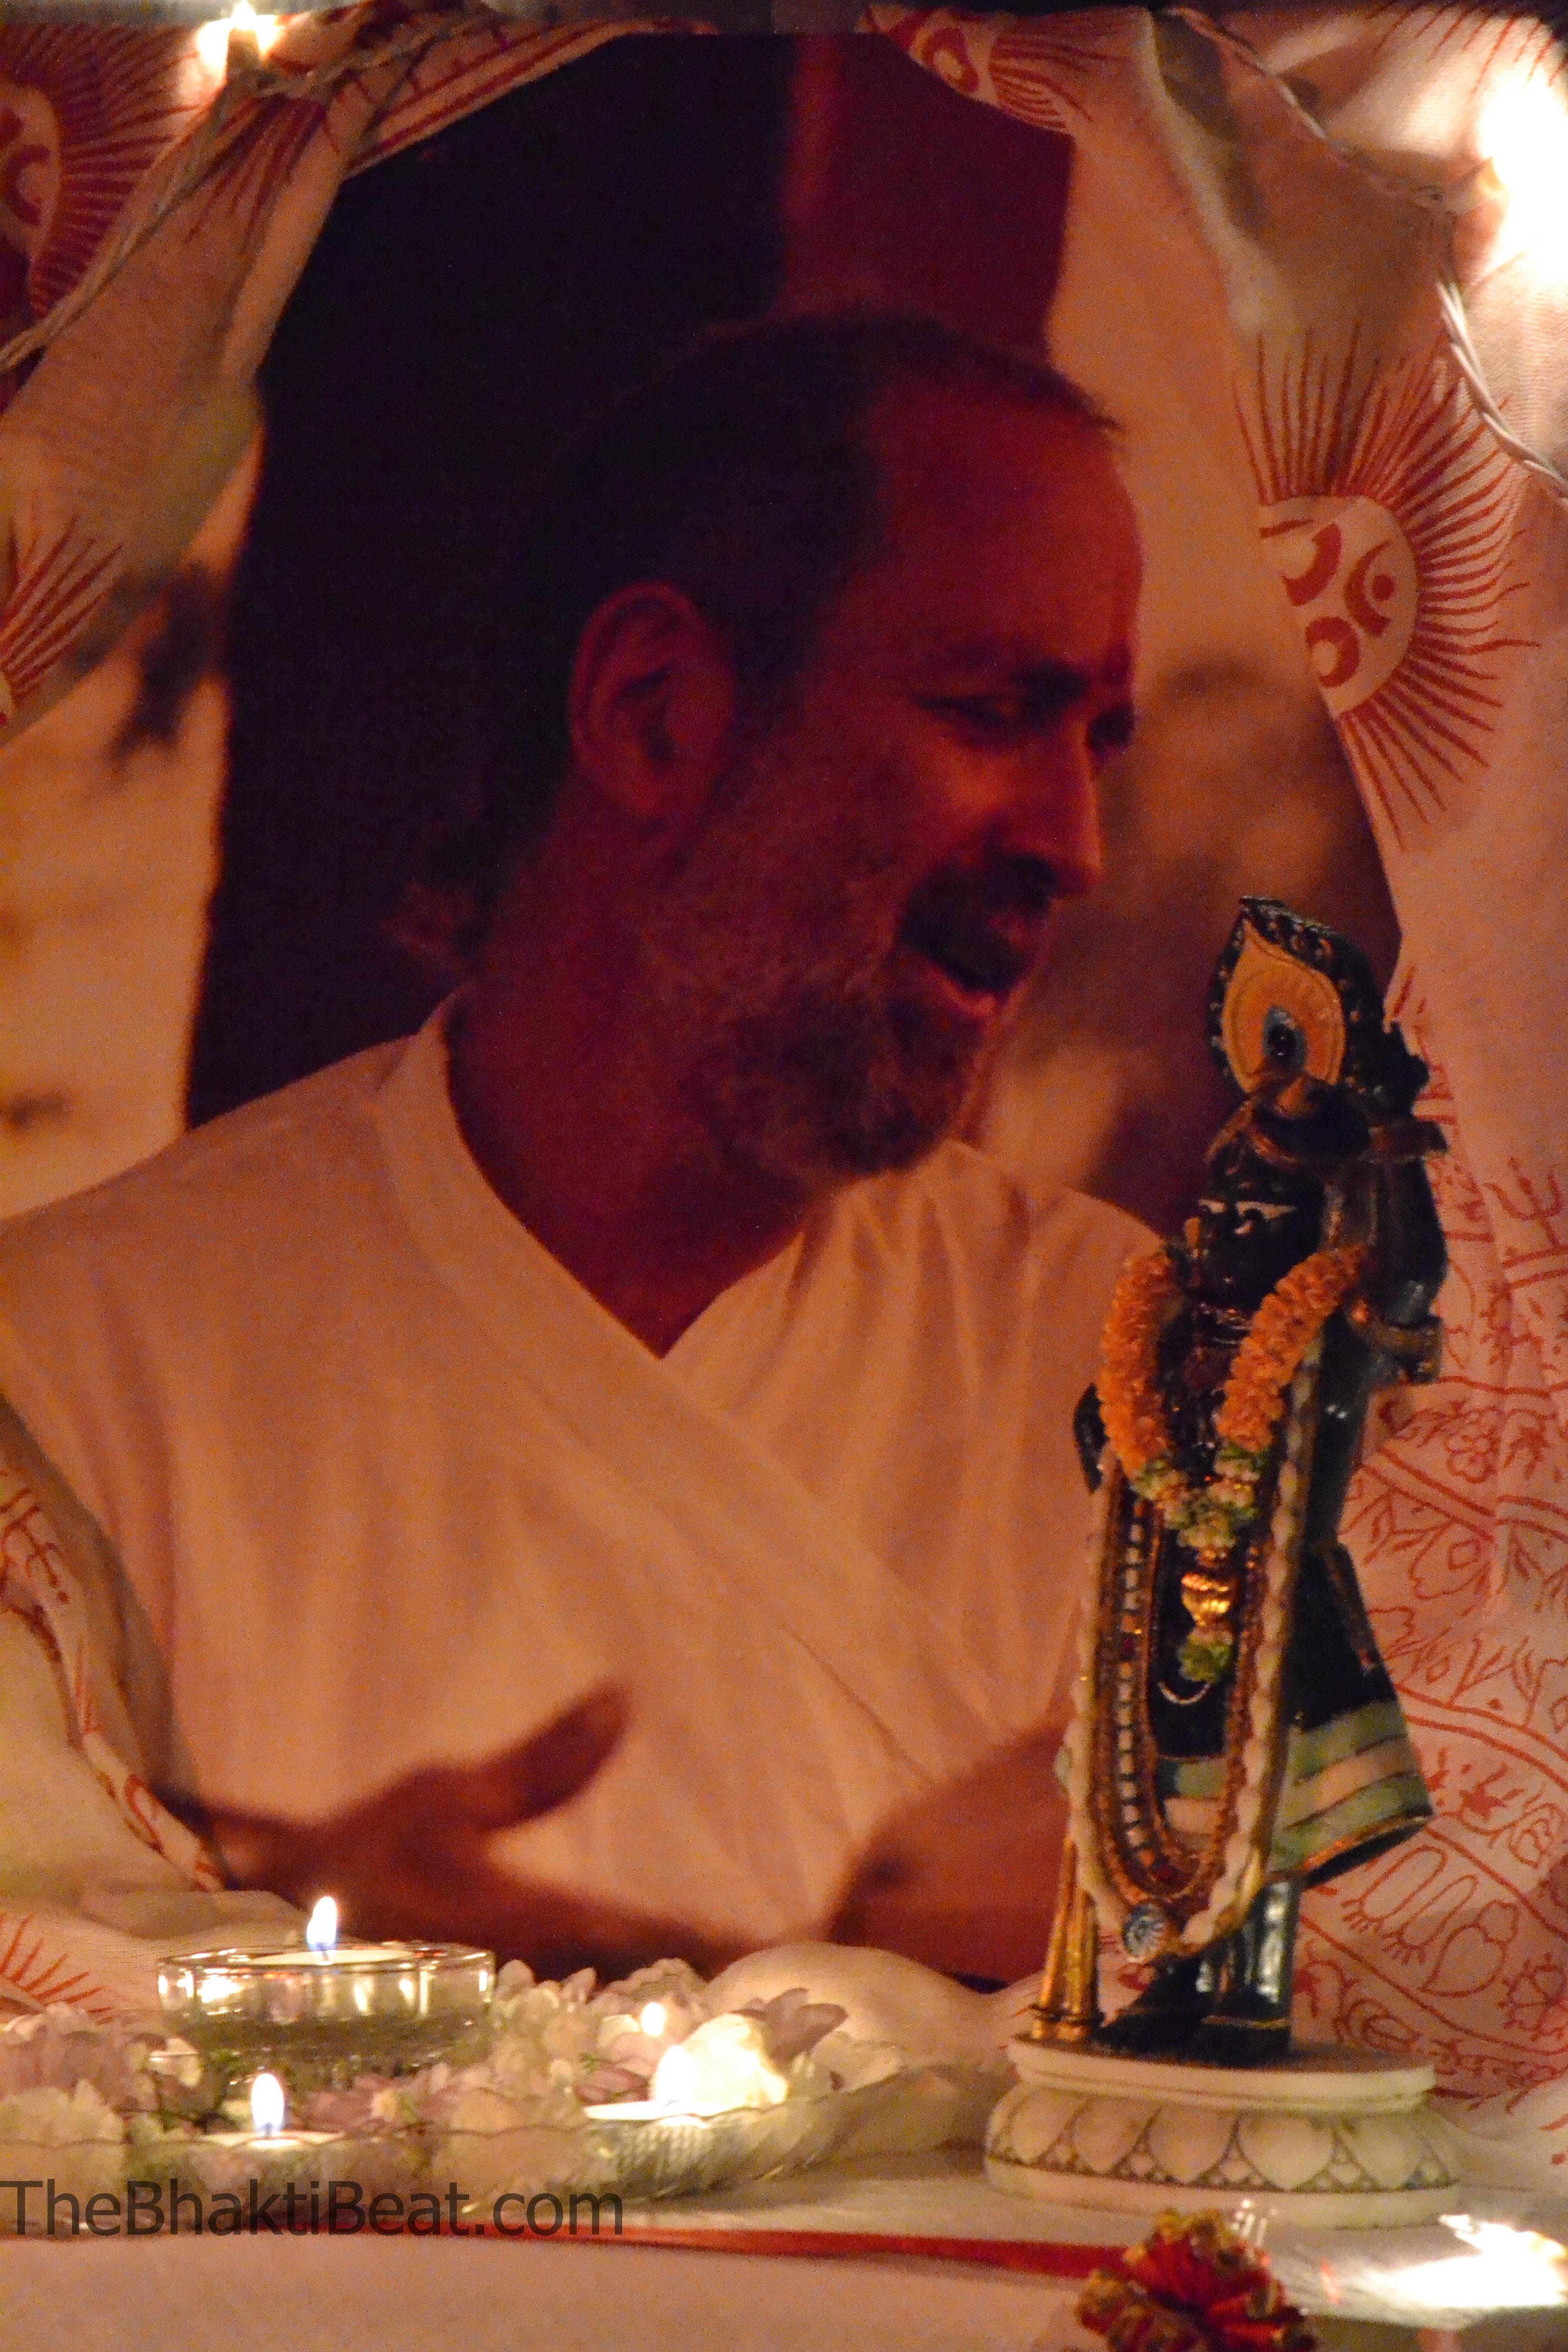 Ananda Ashram Shyamdas Tribute by TheBhaktiBeat.com